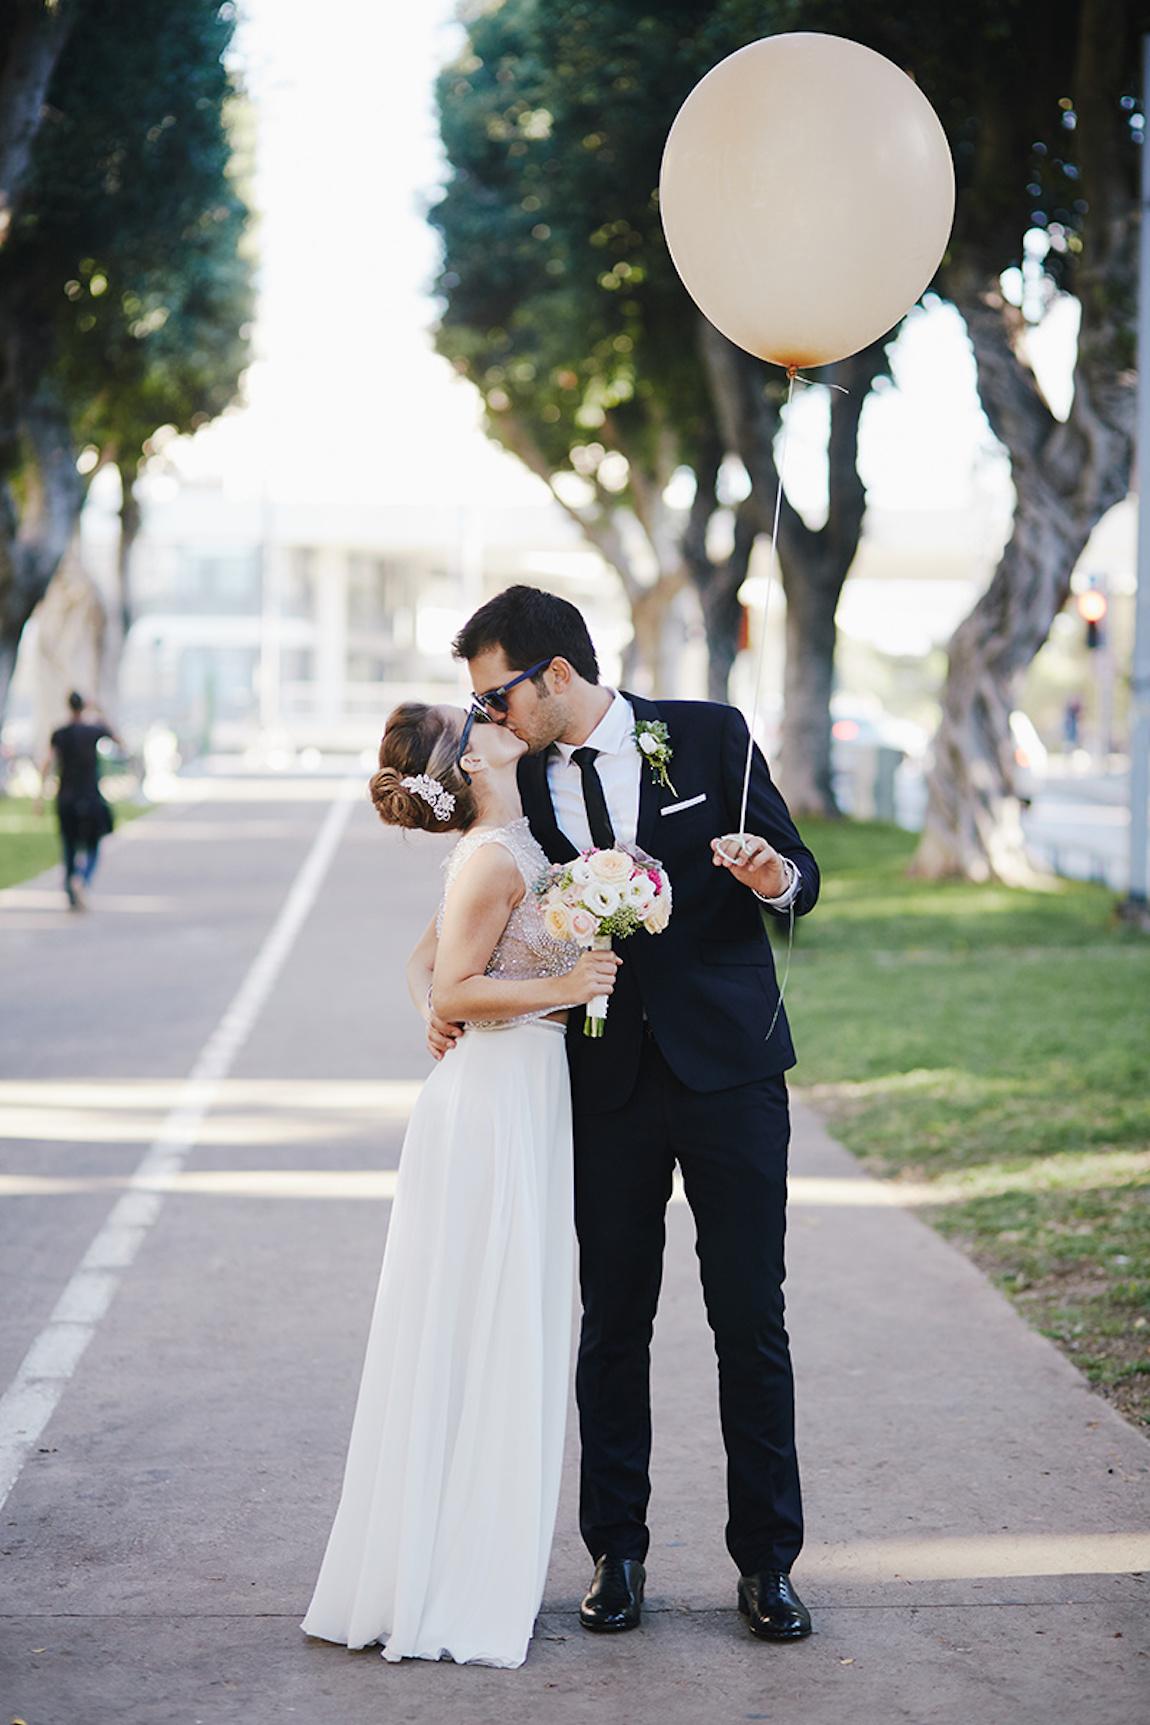 חתונה בתל אביב - בלוג חתונות מיי דיי